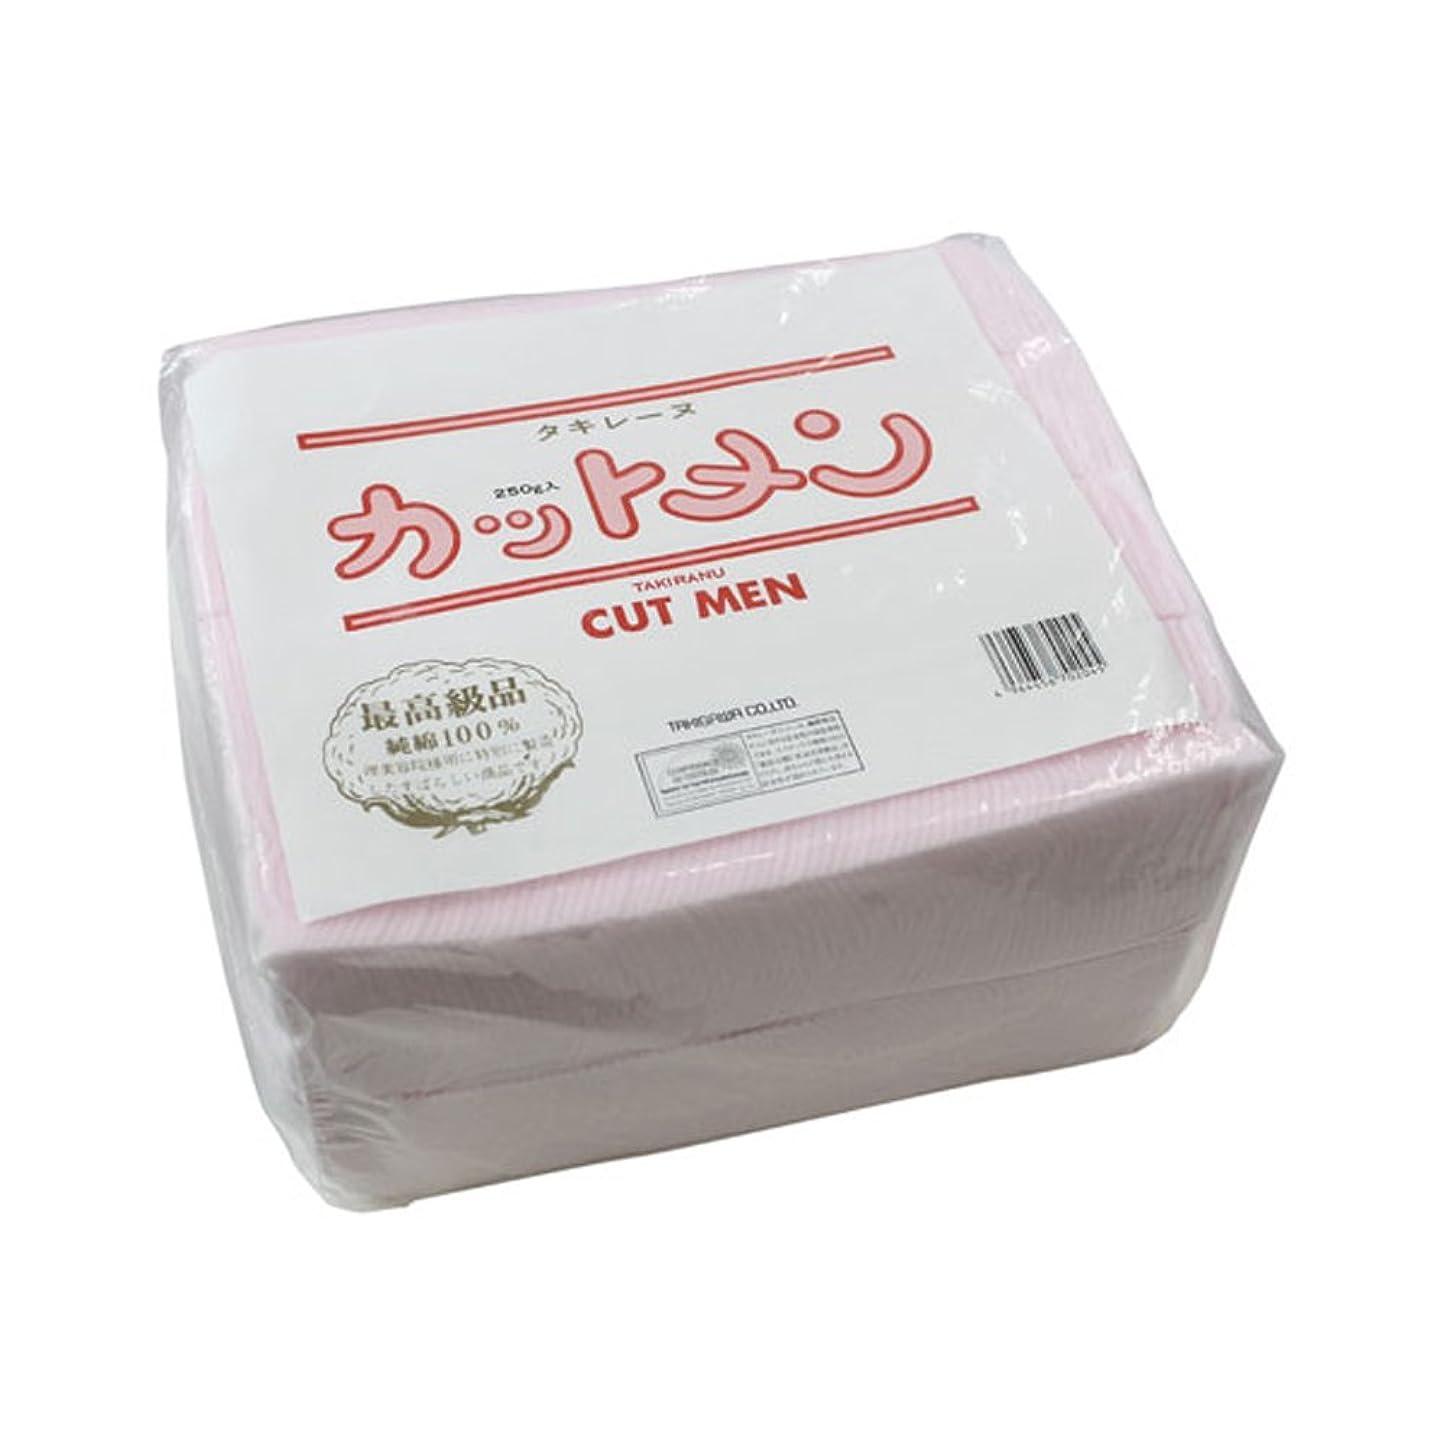 意志に反するおもしろい東方タキレーヌカット綿/ピンク 250g 約550枚入